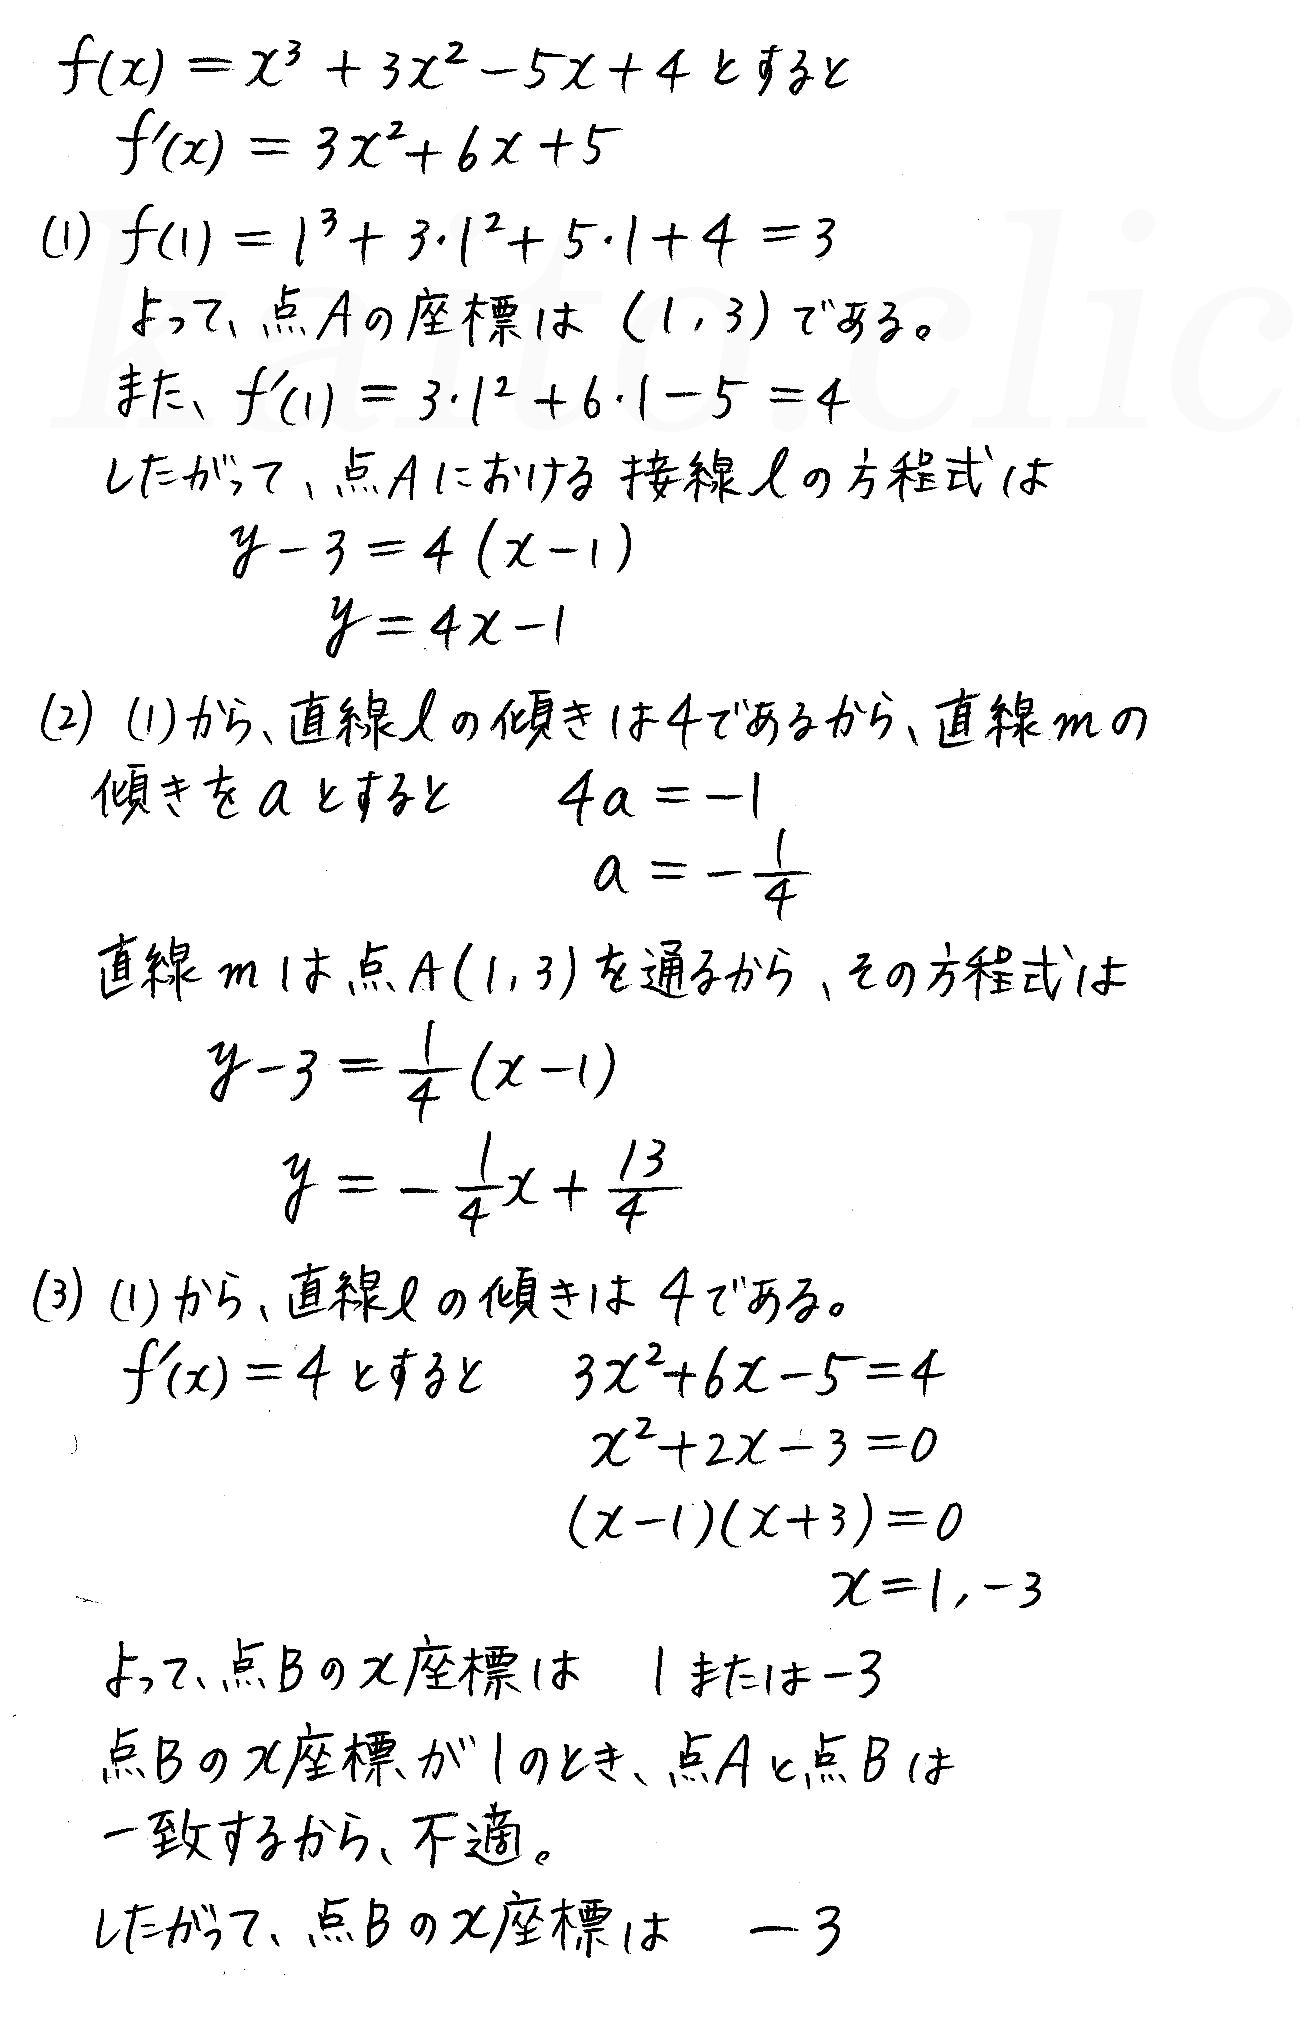 クリアー数学2-410解答